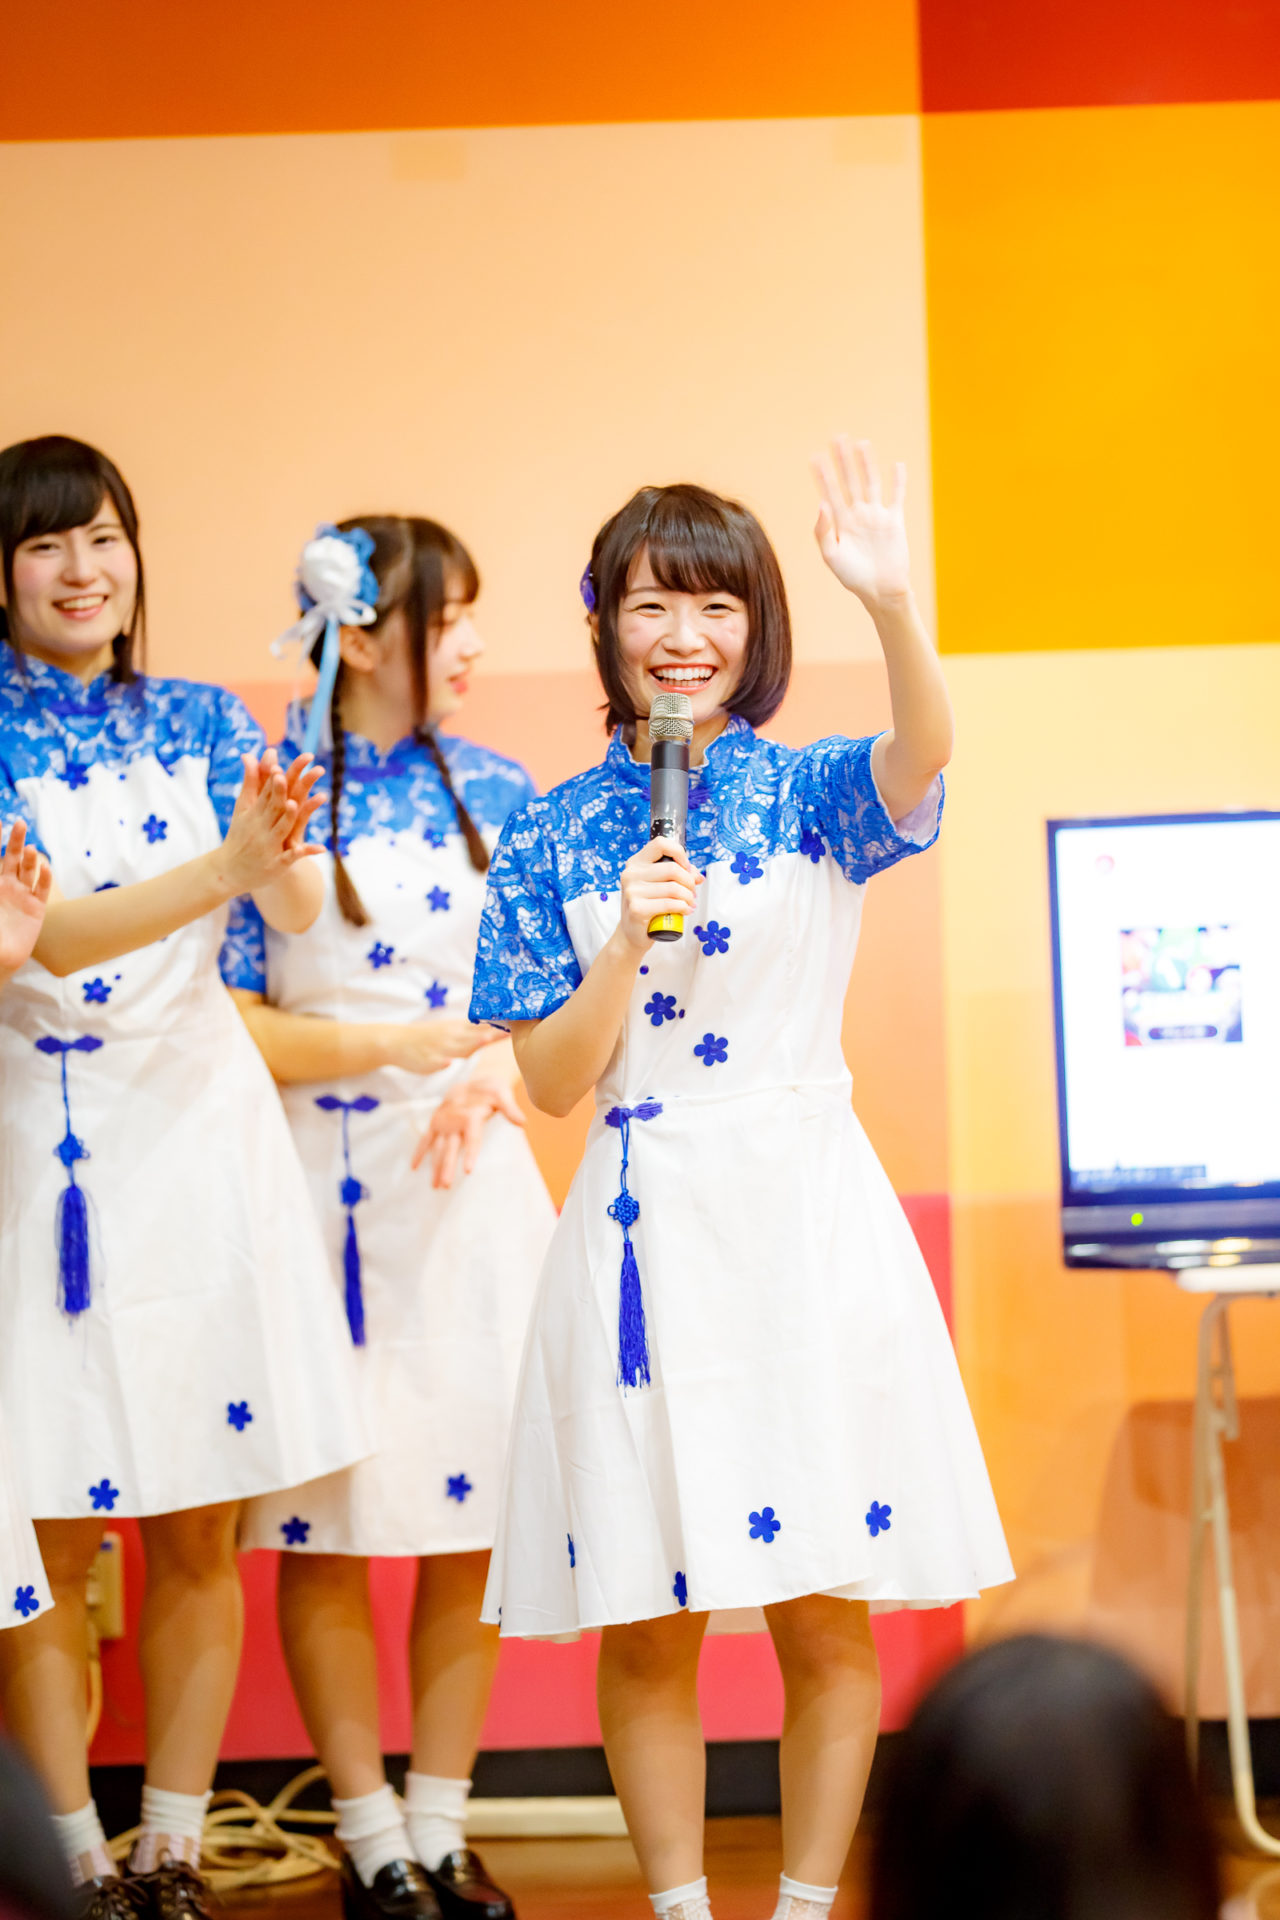 2代目HAPPY少女♪ みっちょ ( 本田みく ) | ディノスパーク×ライブプロマンスリーLIVE vol.1